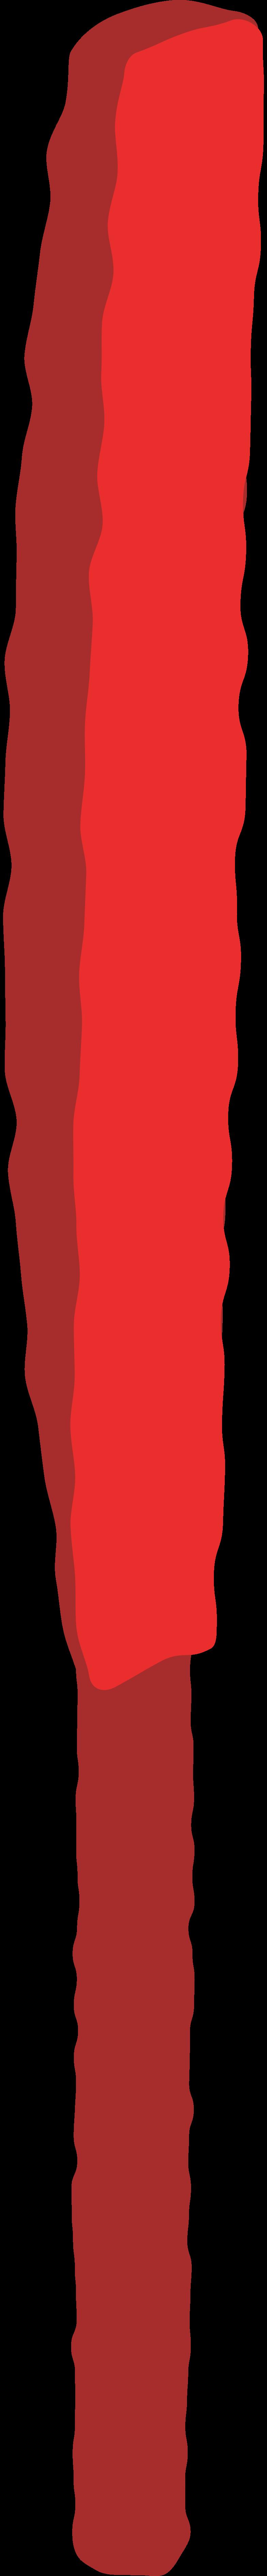 cricket bit Clipart illustration in PNG, SVG